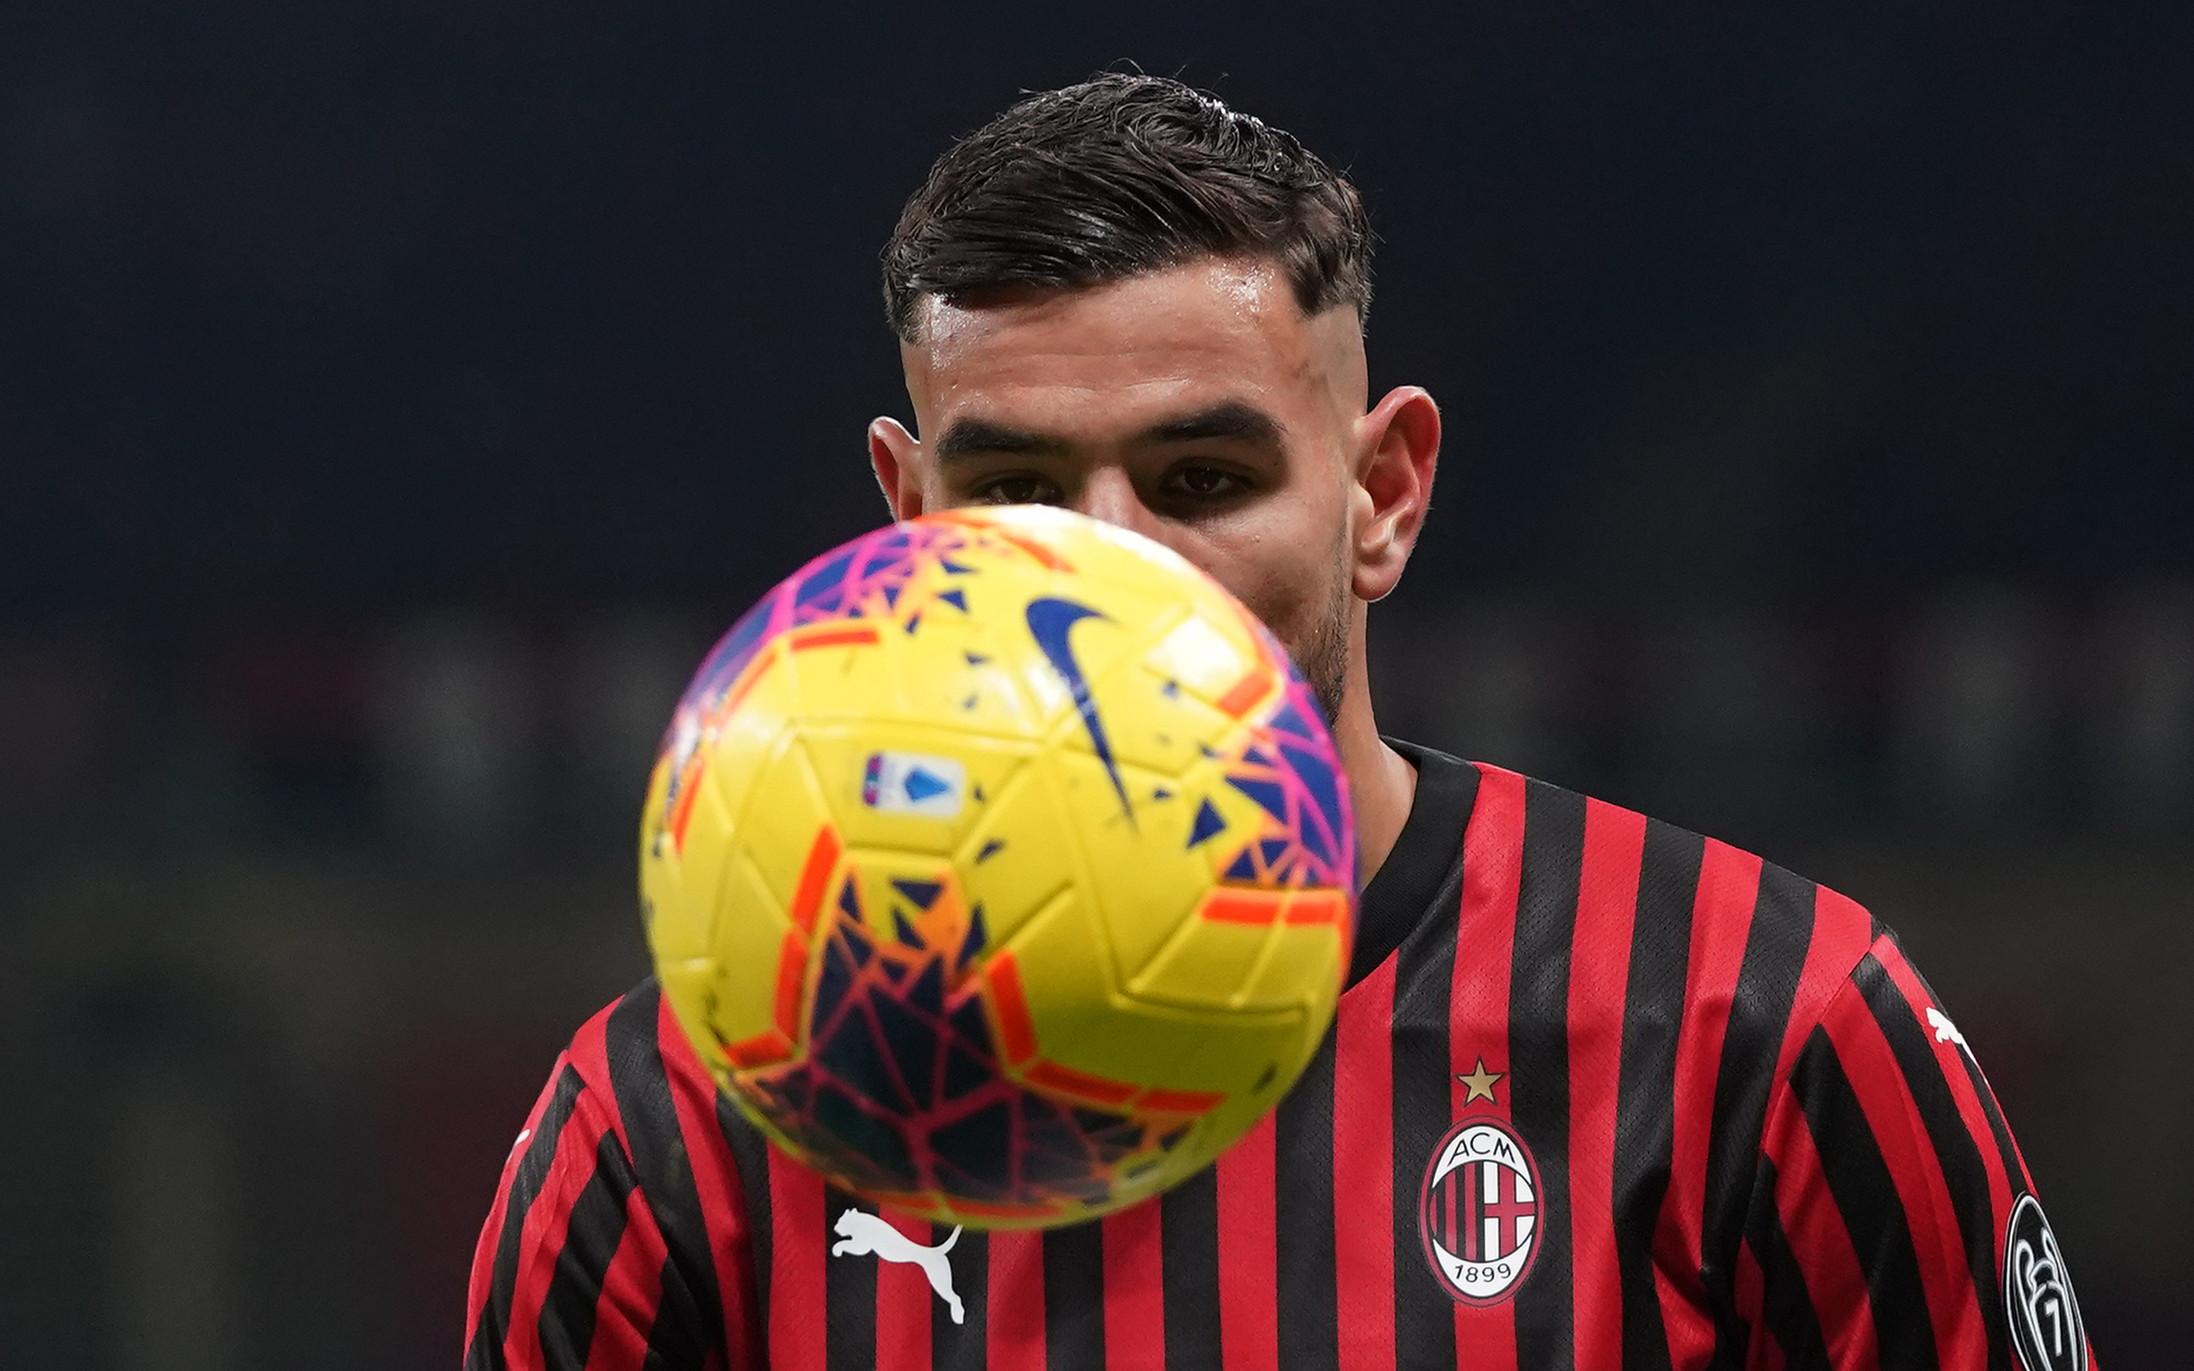 Nel secondo posticipo dell'11a giornata di Serie A,la Lazio batte 2-1 il Milan e aggancia al 4° posto Atalanta e Cagliari. A San Siro&nb...